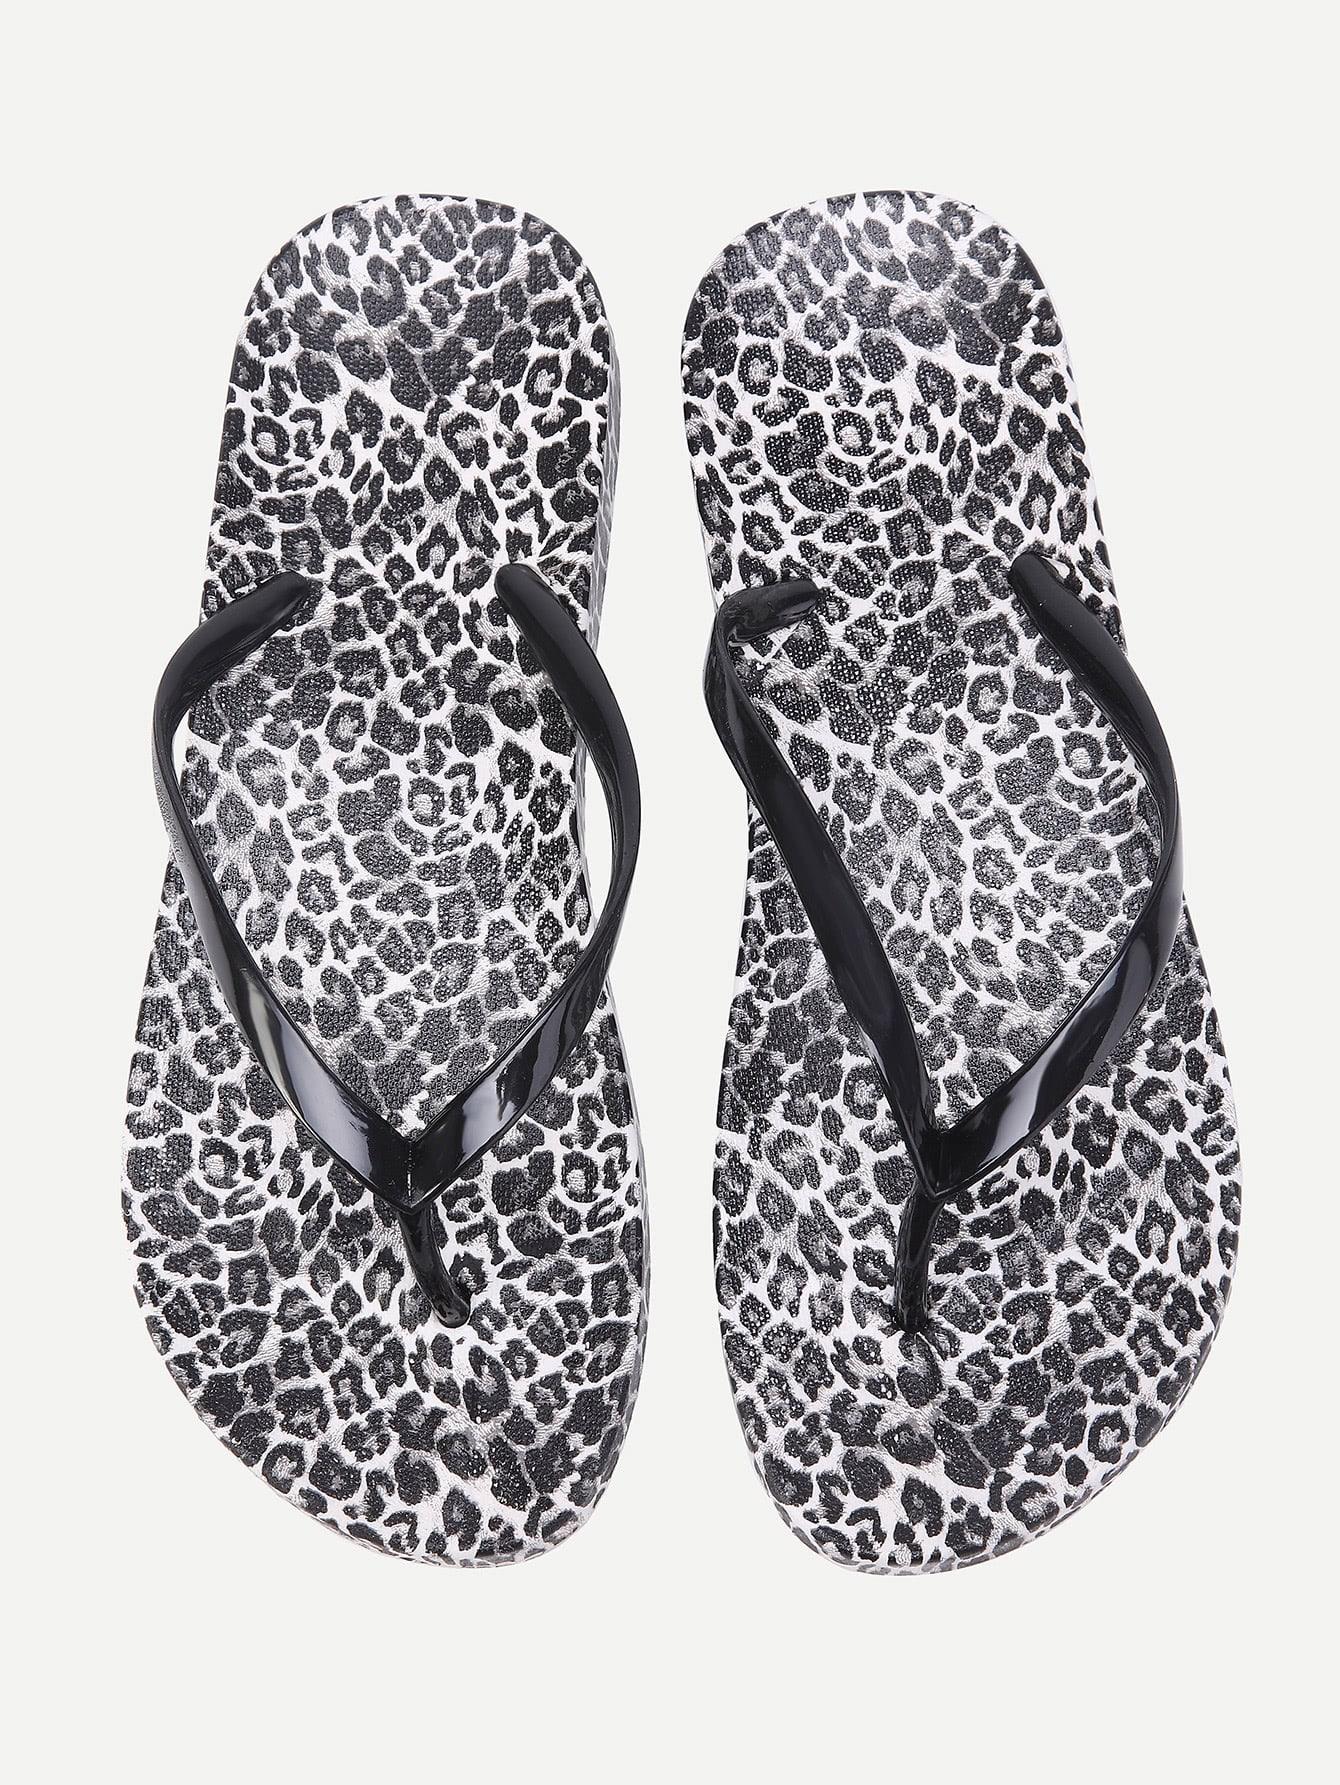 shoes170403801_2